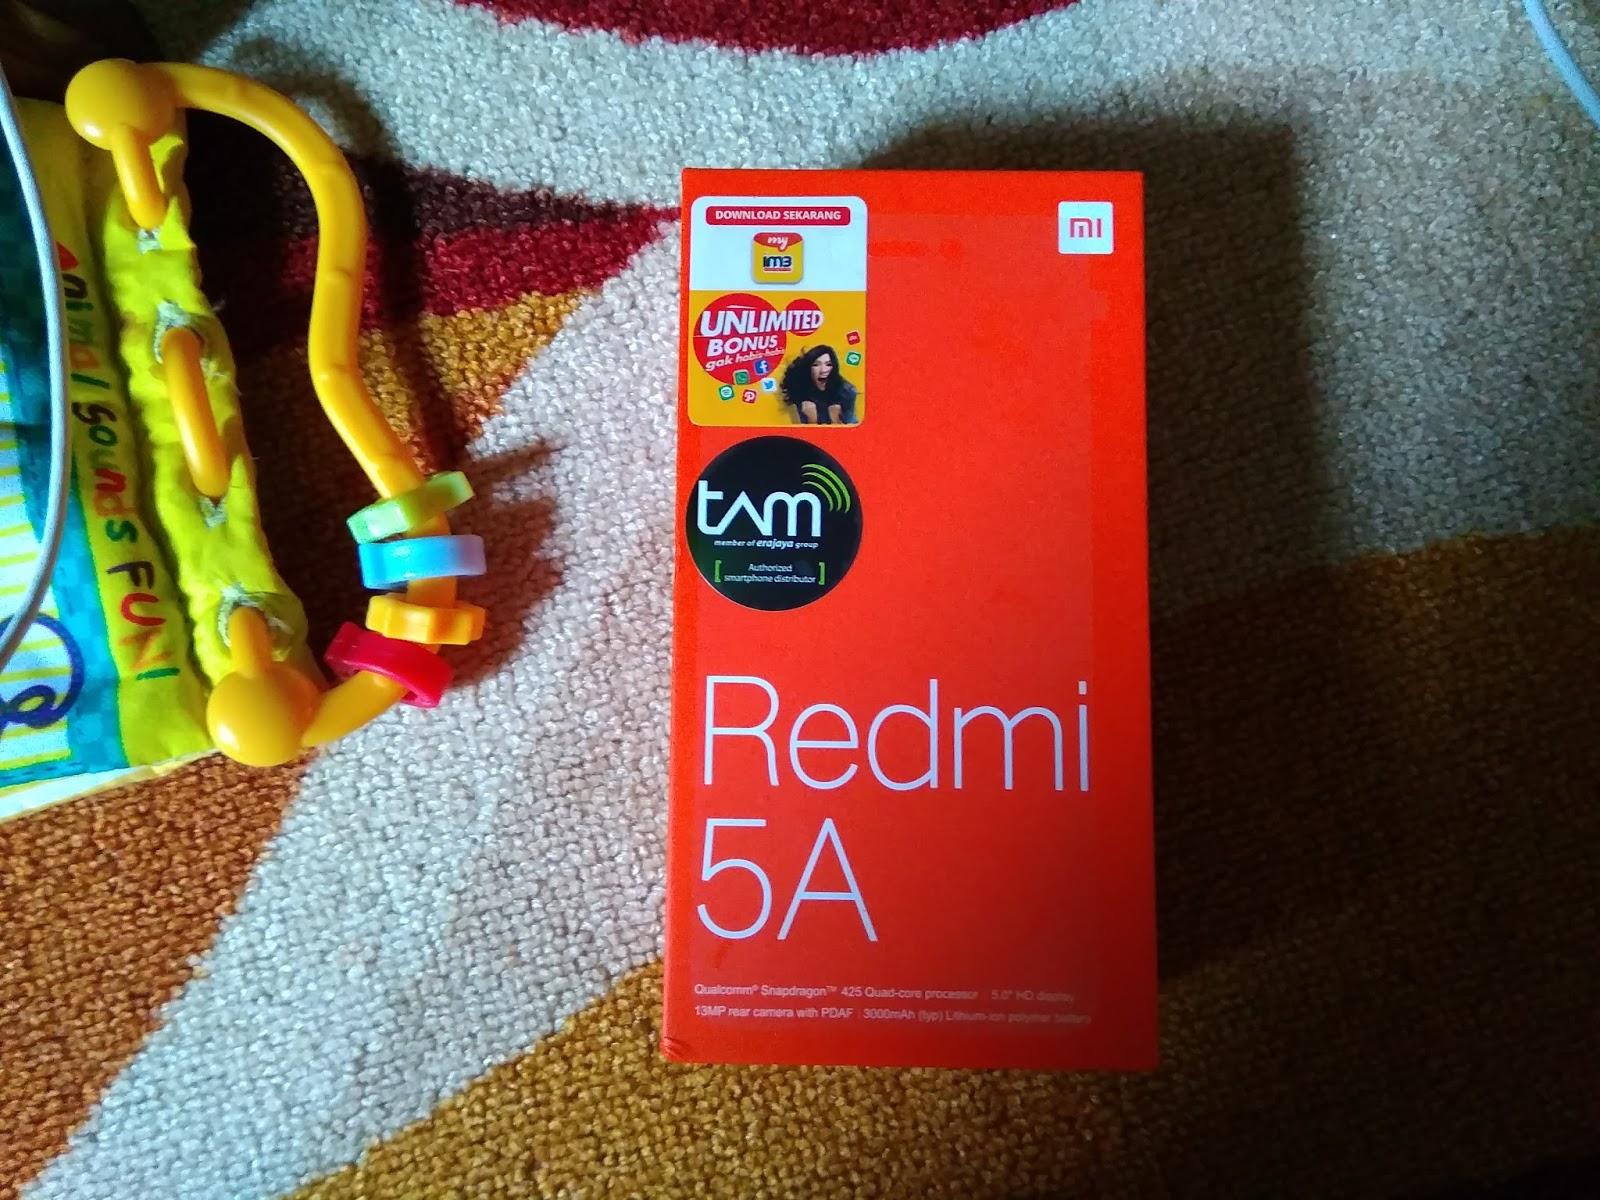 Xiaomi Redmi 5A box